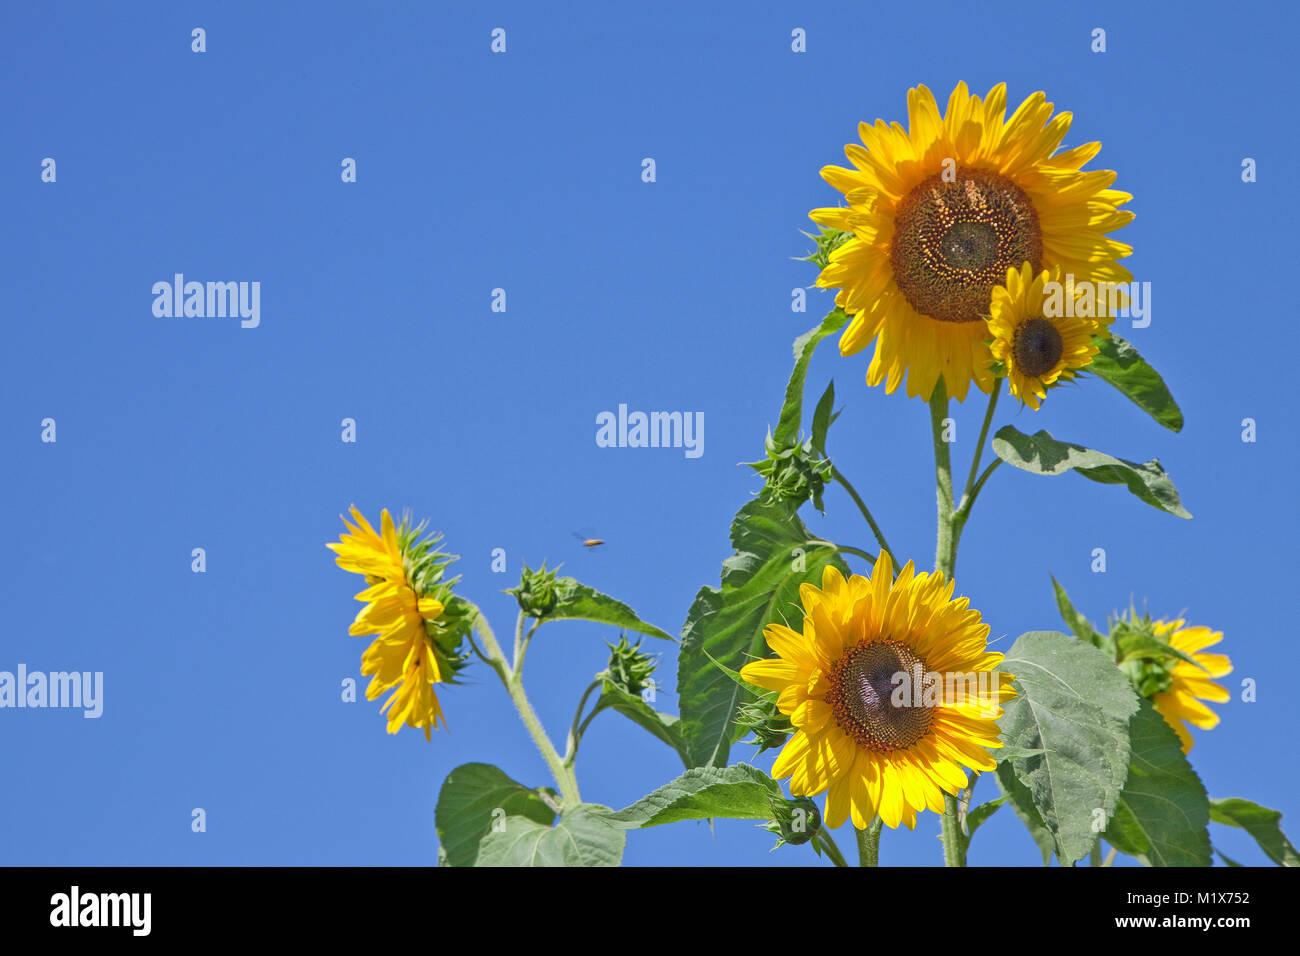 Sun flowers (Helianthus annuus) at wine village Uerzig, Moselle river, Rhineland-Palatinate, Germany, Europe - Stock Image